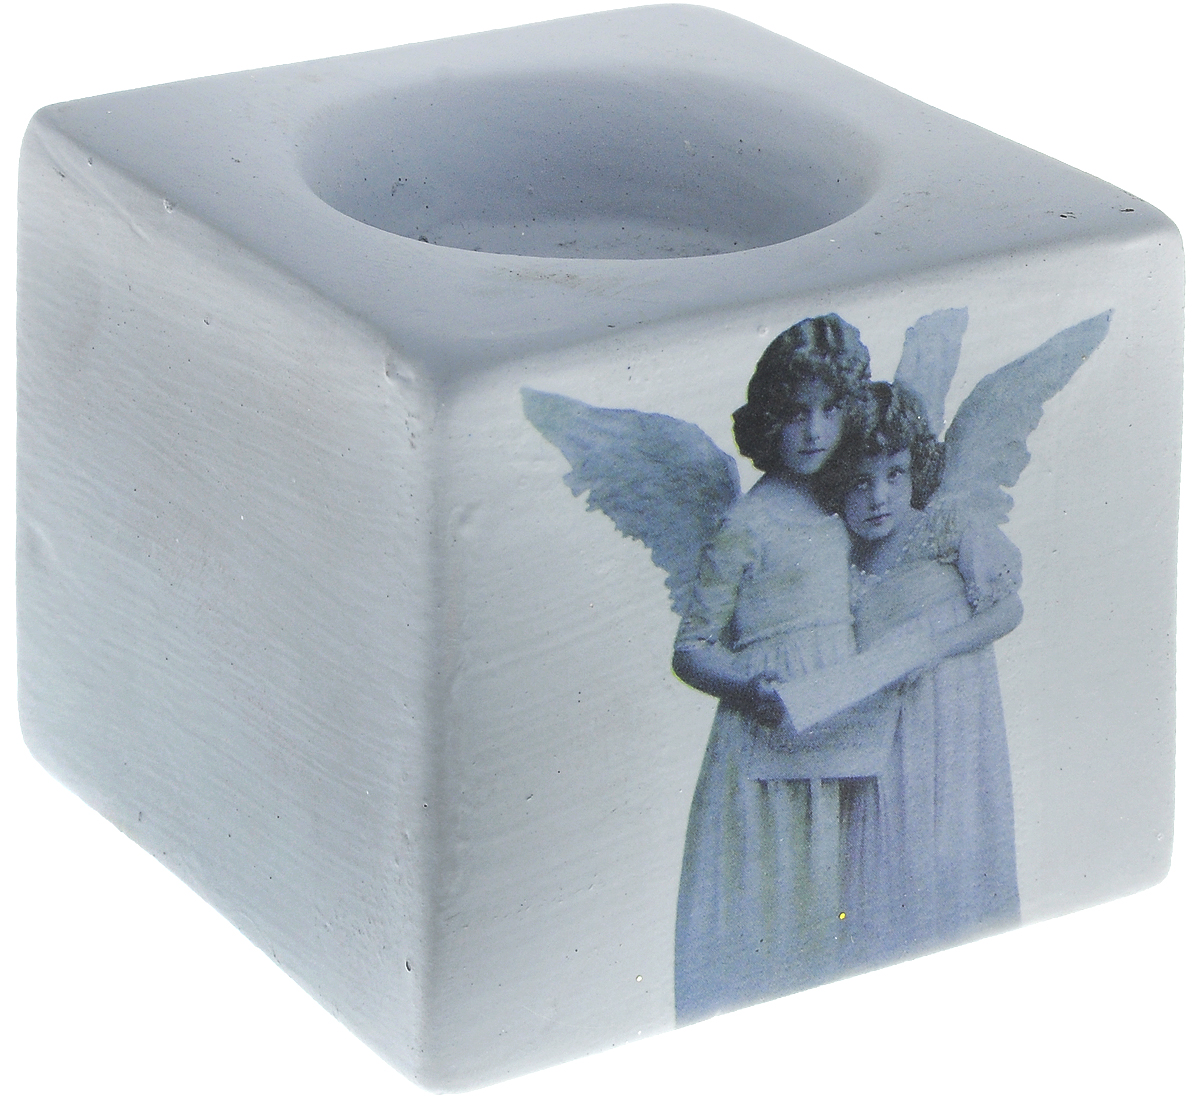 Подсвечник новогодний Winter Wings Ангелы, 6 х 7 х 7 смN162144Подсвечник Winter Wings Ангелы выполнен из керамики с изображением ангелов. В подсвечнике имеется специальное место для свечки. Изделие будет прекрасно смотреться на праздничном столе. Новогодние украшения несут в себе волшебство и красоту праздника. Они помогут вам украсить дом к предстоящим праздникам и оживить интерьер по вашему вкусу. Создайте в доме атмосферу тепла, веселья и радости, украшая его всей семьей.Диаметр места для свечки: 4,5 см.